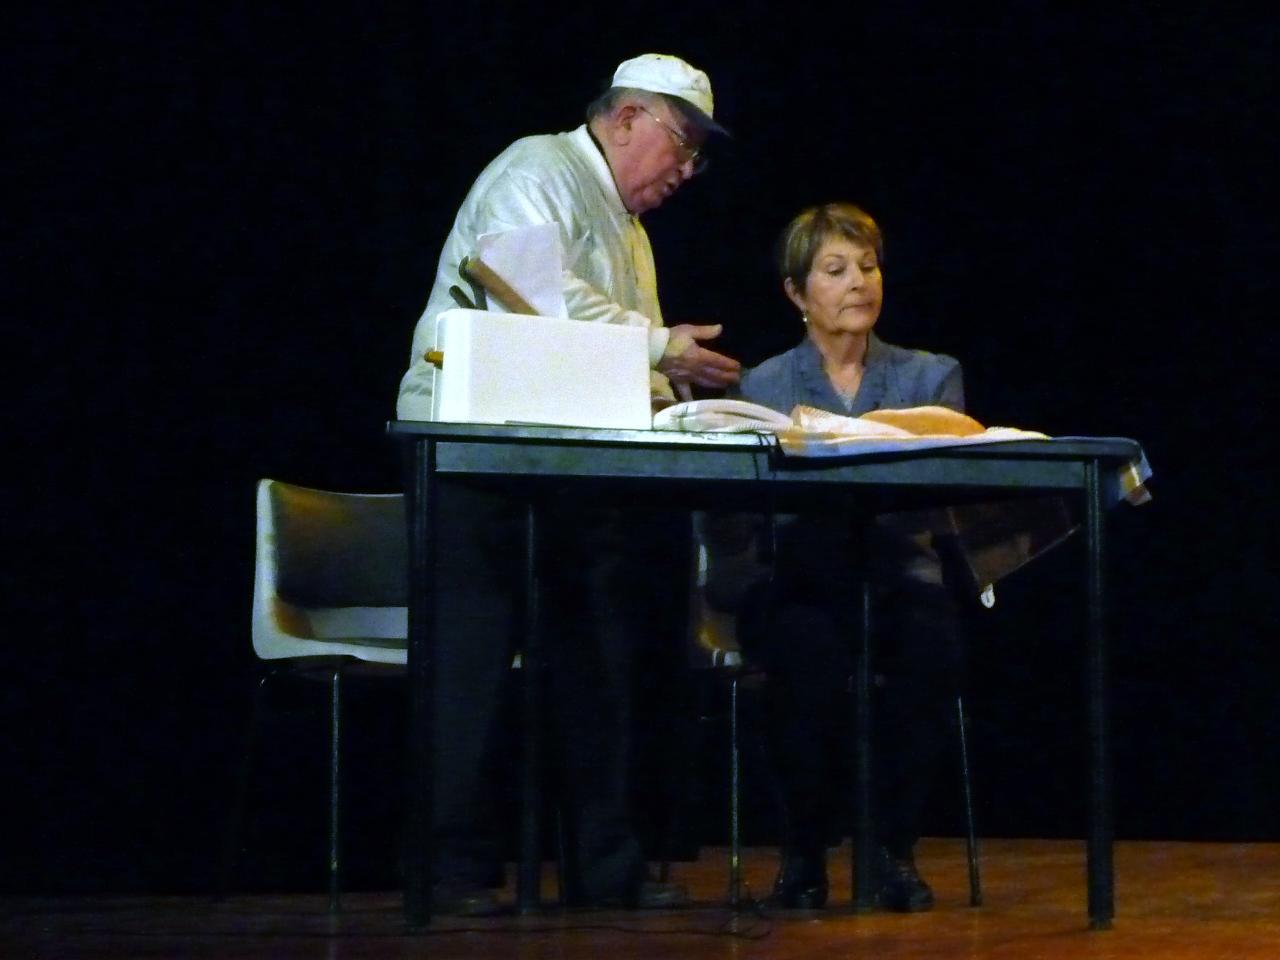 Le pt Théâtre fait son casting :L'invitation à diner (Carole GREEP)